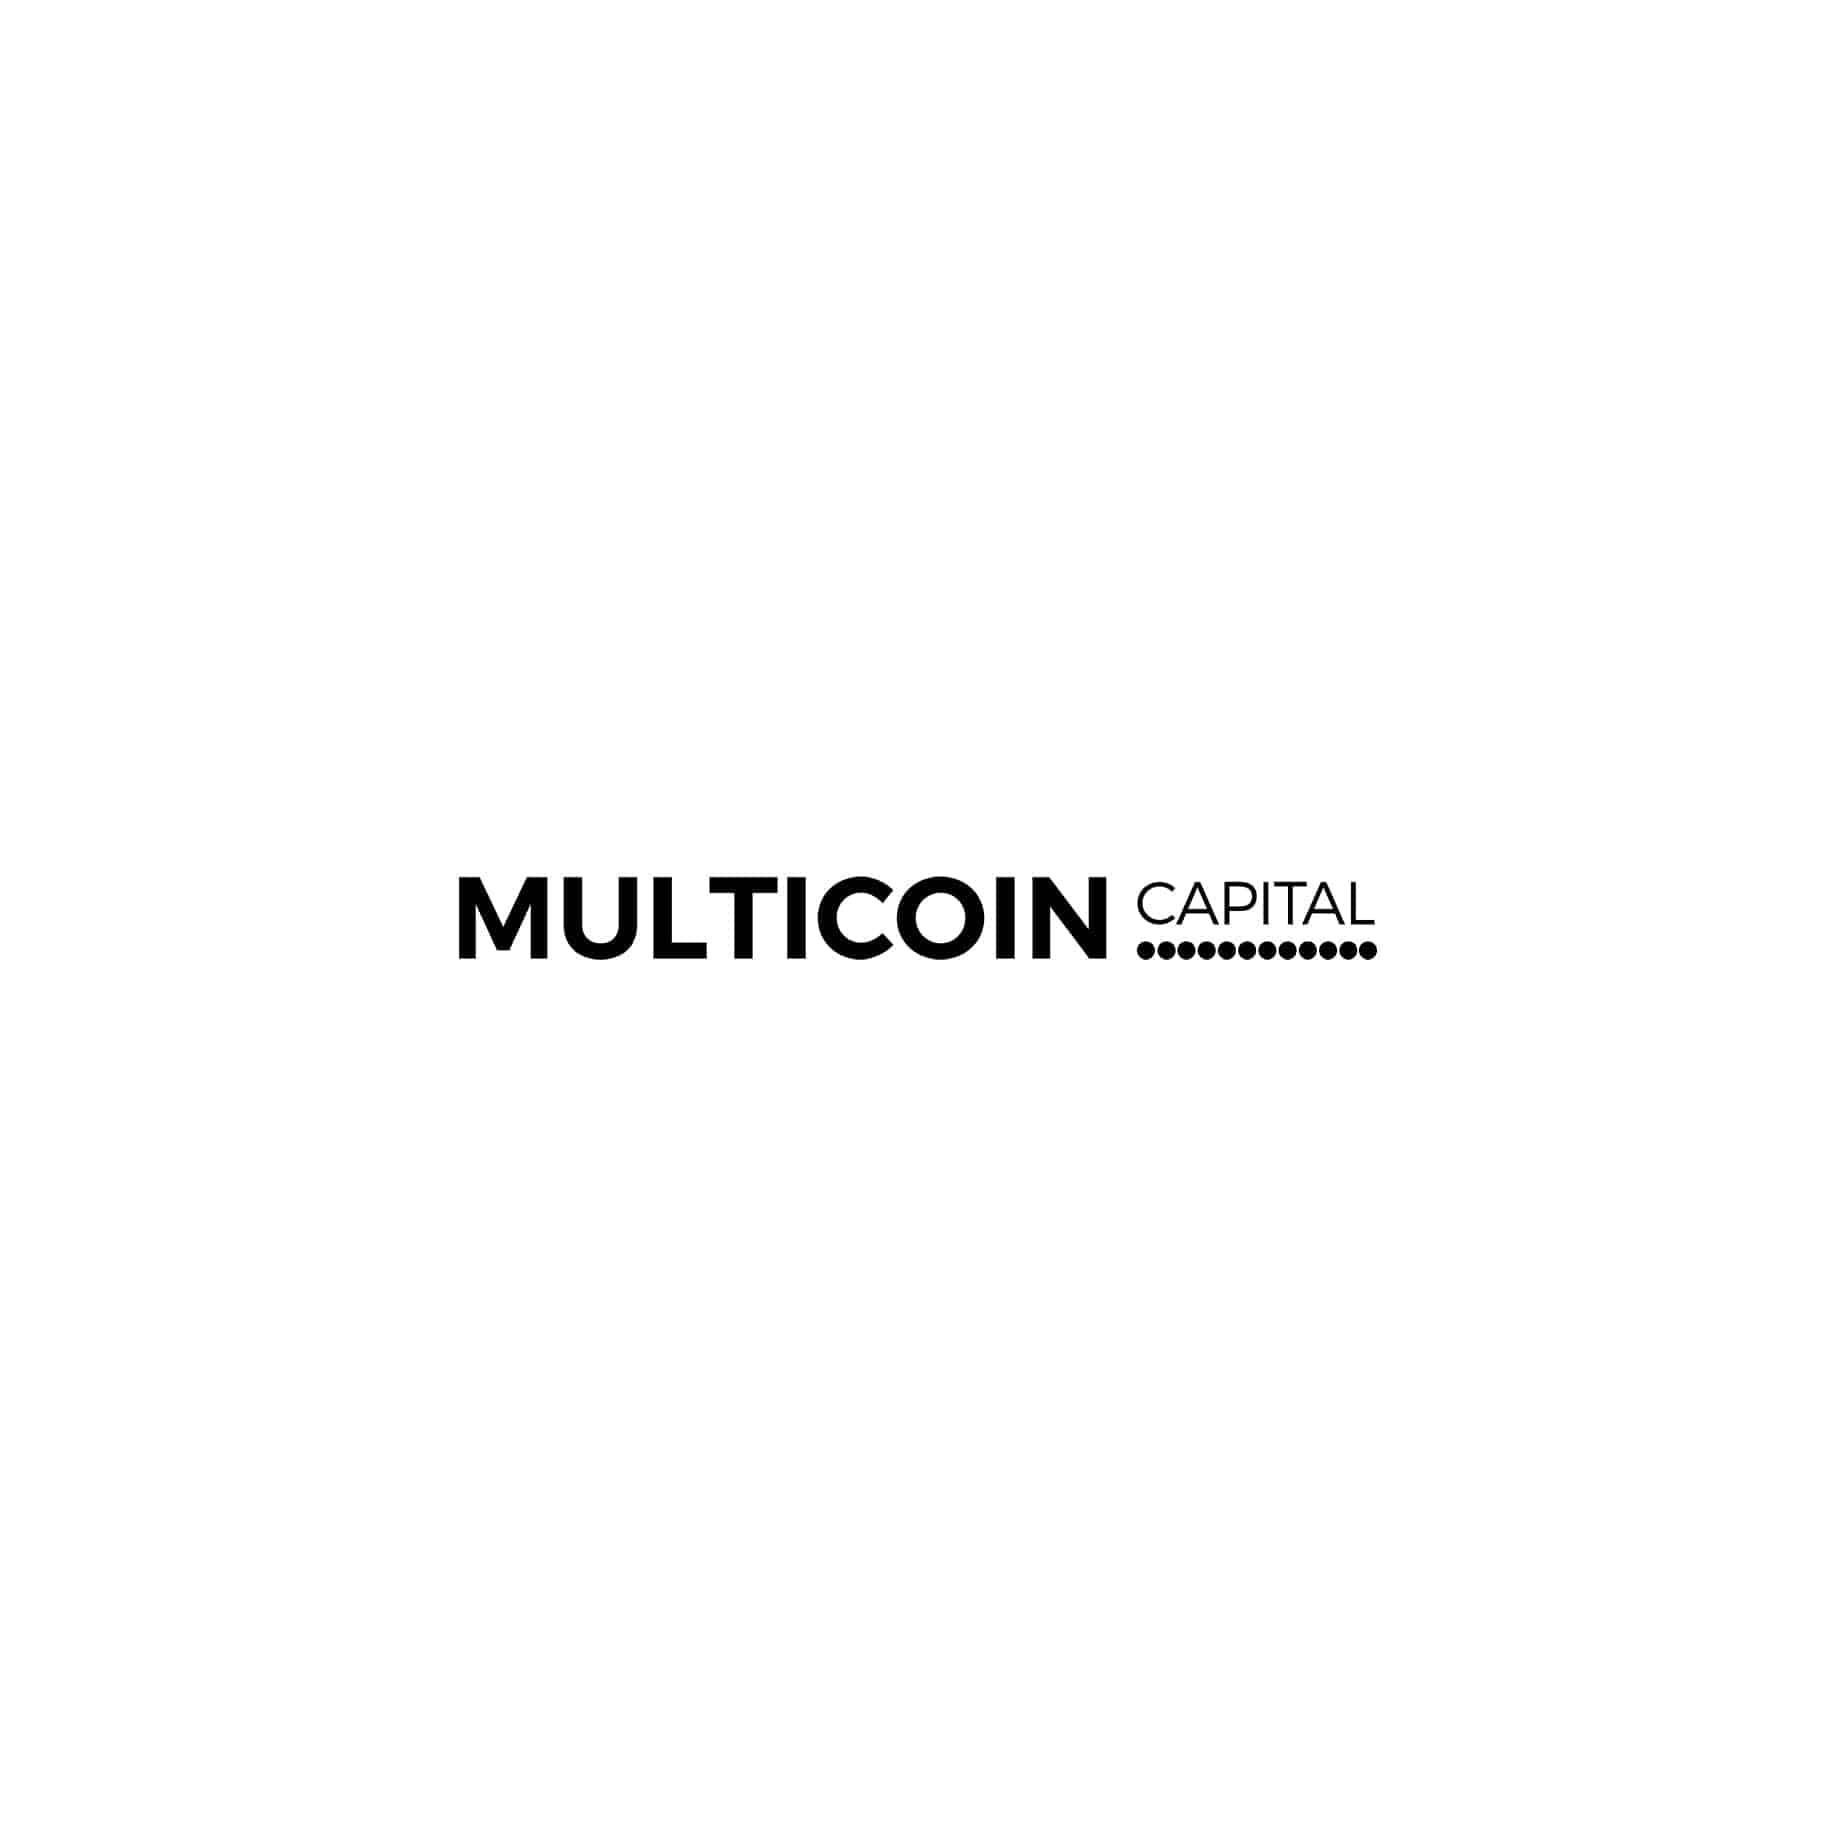 Multicoin logo